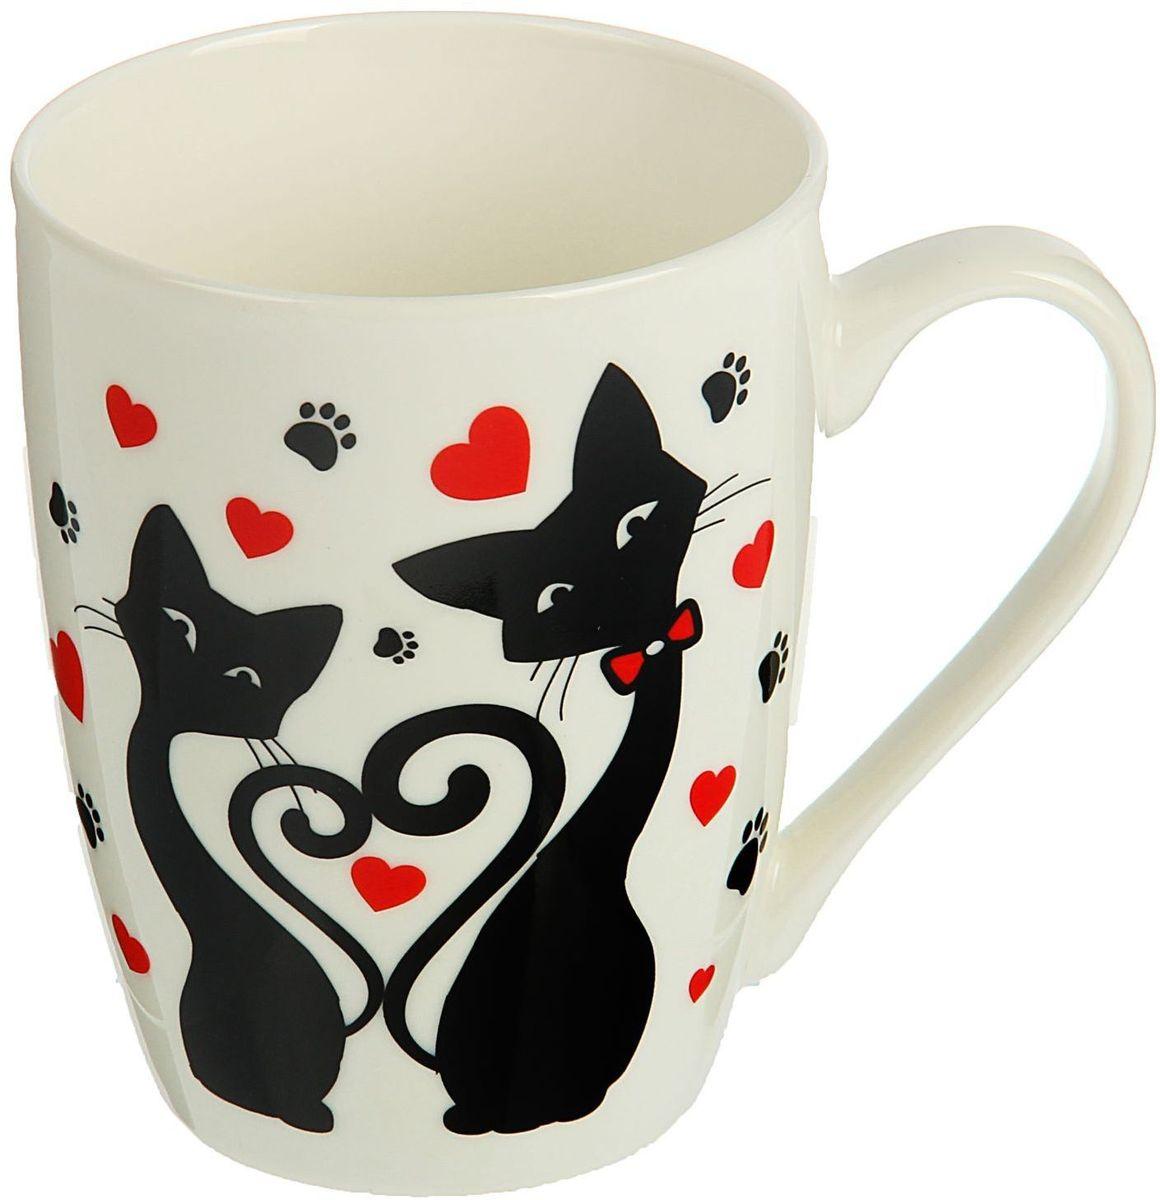 Кружка Доляна Кошачья любовь, 350 мл1625298Кружка Доляна Кошачья любовь изготовлена из керамики. Она украшена оригинальным рисунком с кошками.Кружка станет отличным подарком для родных и близких. Это любимый аксессуар на долгие годы. Относитесь к изделию бережно, и оно будет дарить прекрасное настроение каждый день.